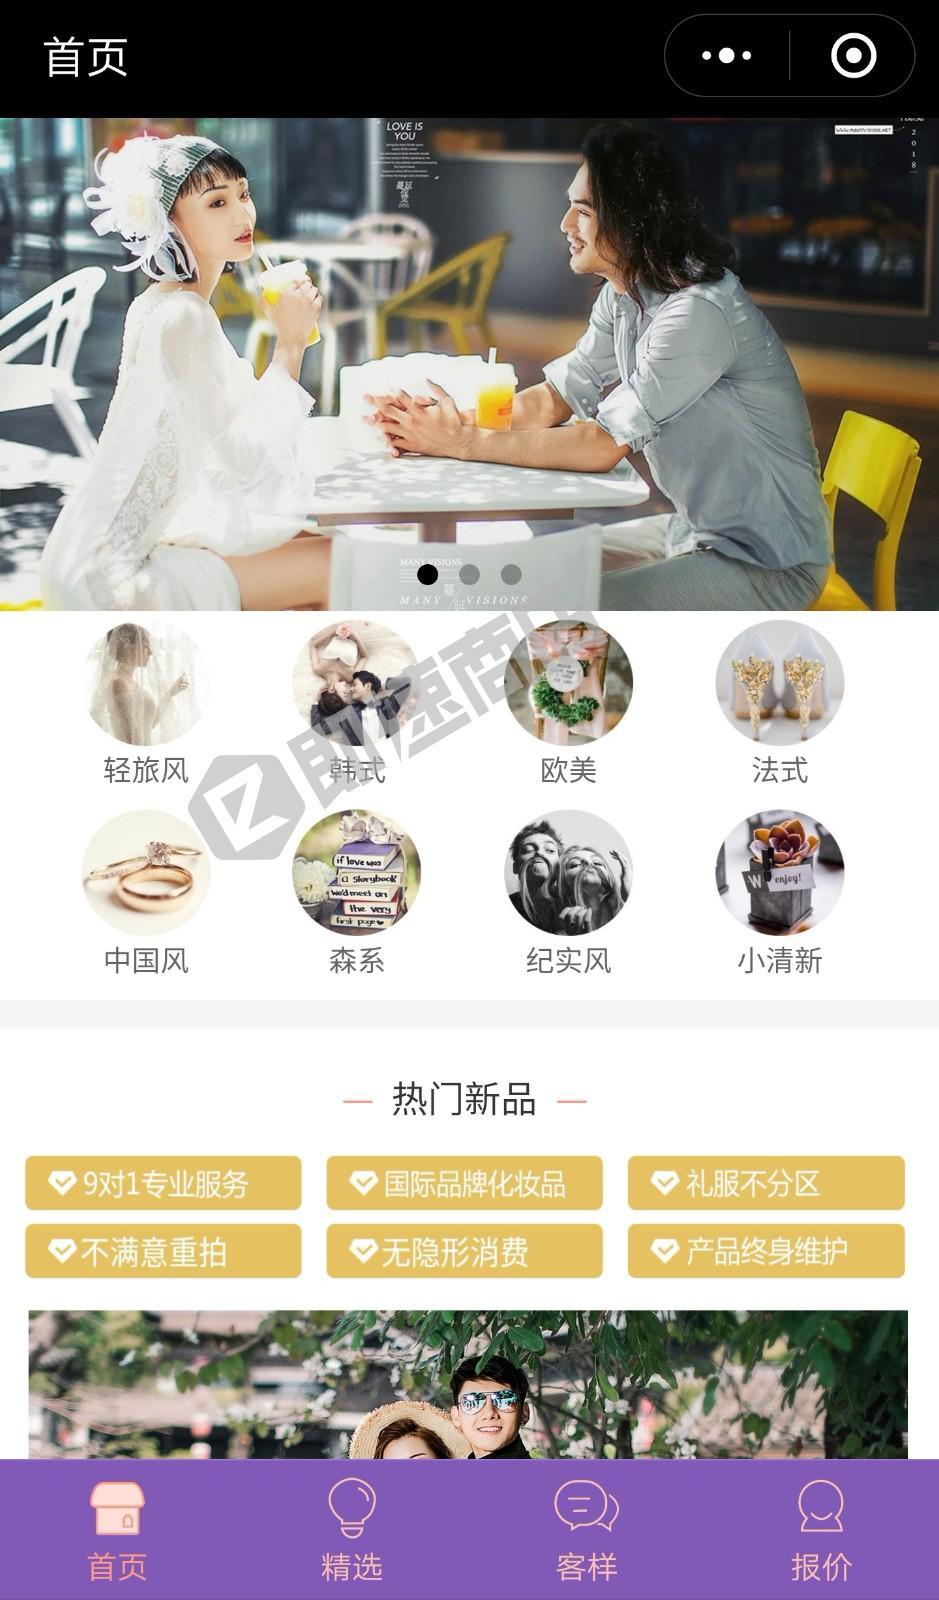 深圳婚纱照婚纱摄影小程序首页截图